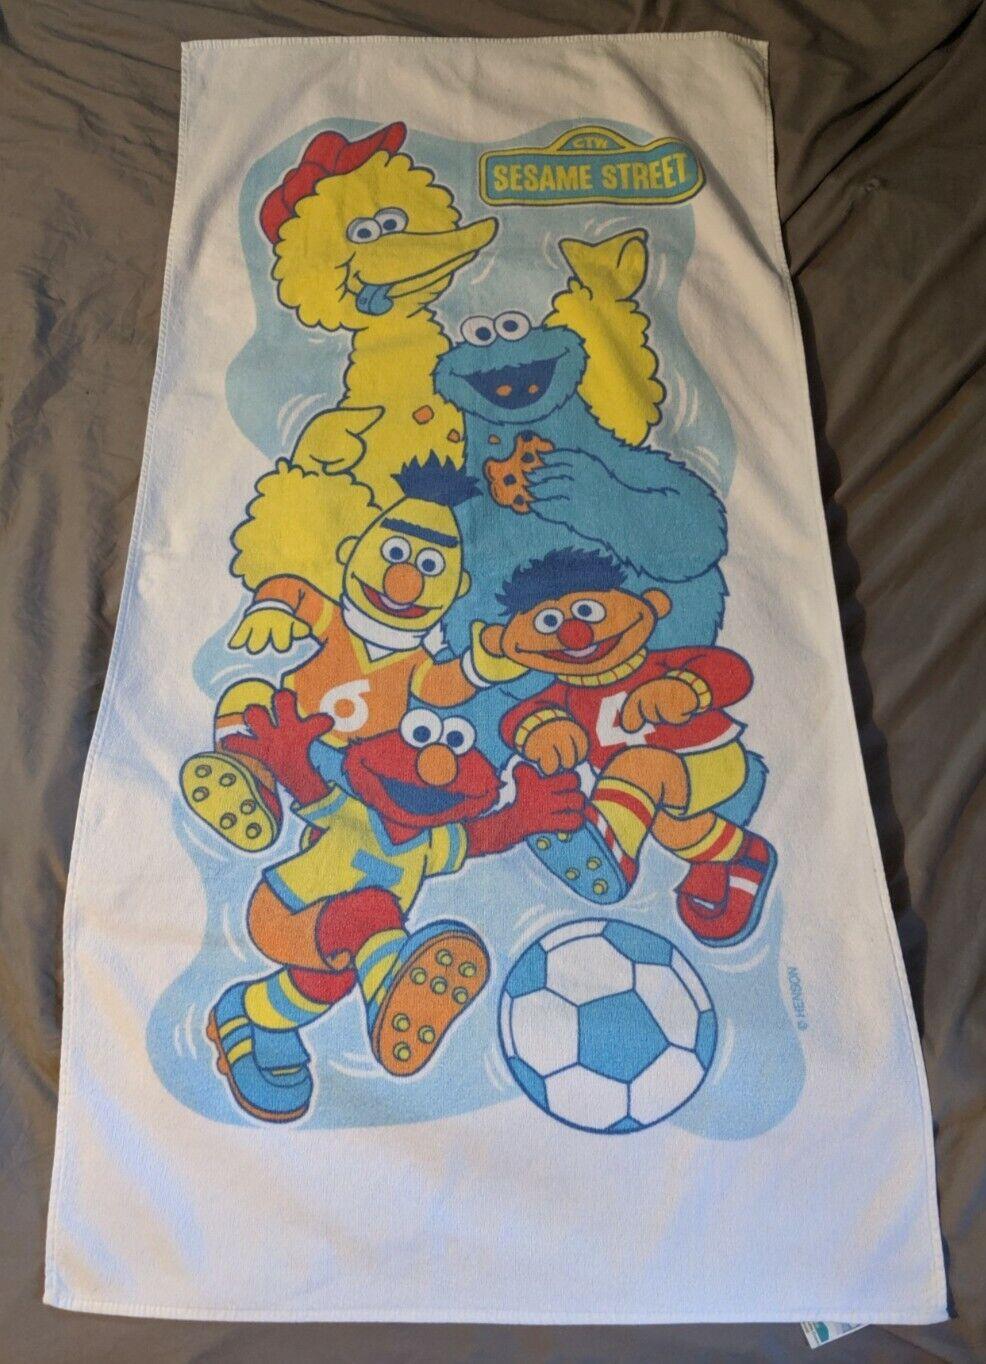 Franco 100% Cotton Sesame Street Bath Towel Soccer Design Vintage